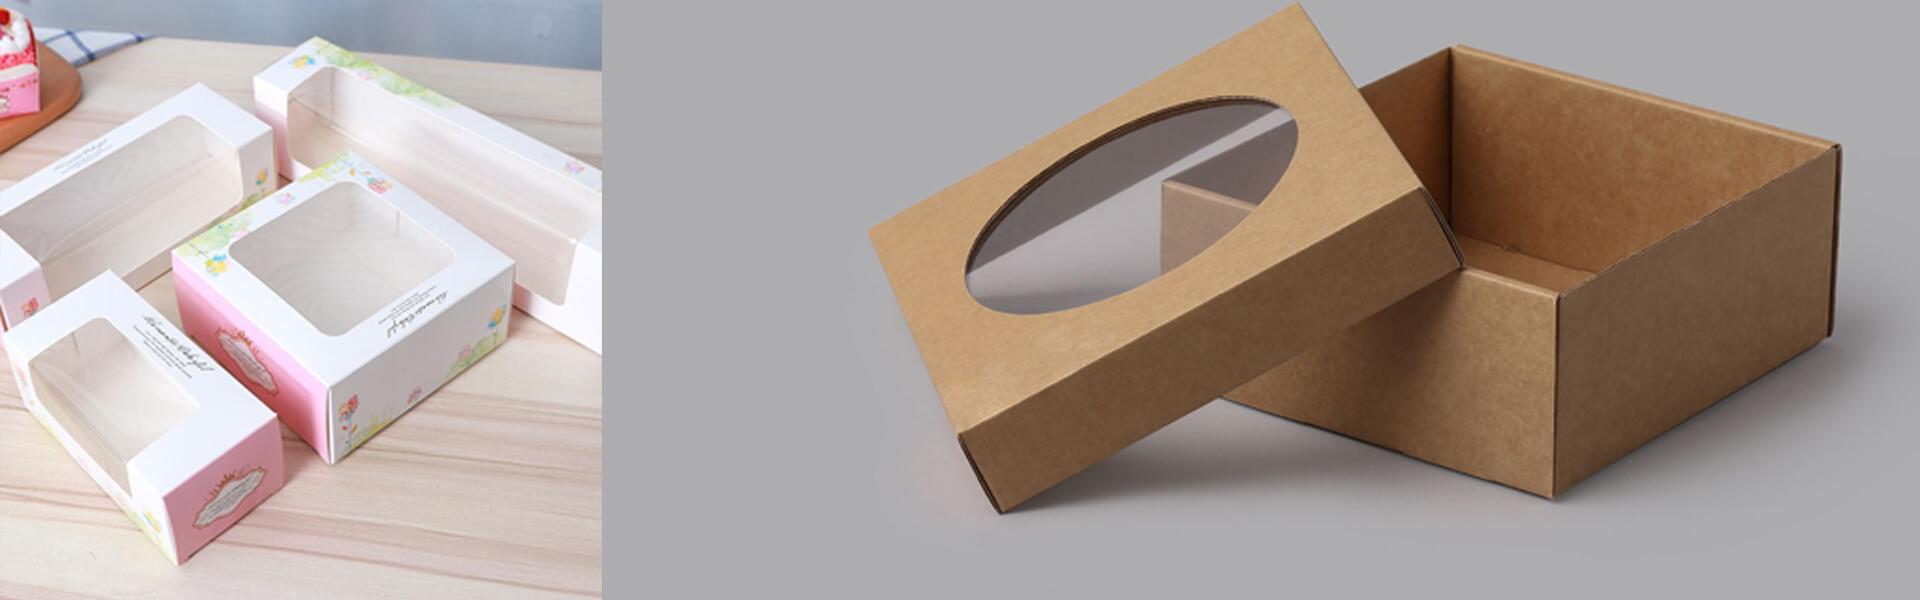 Фото - Упаковочные коробки для подарков